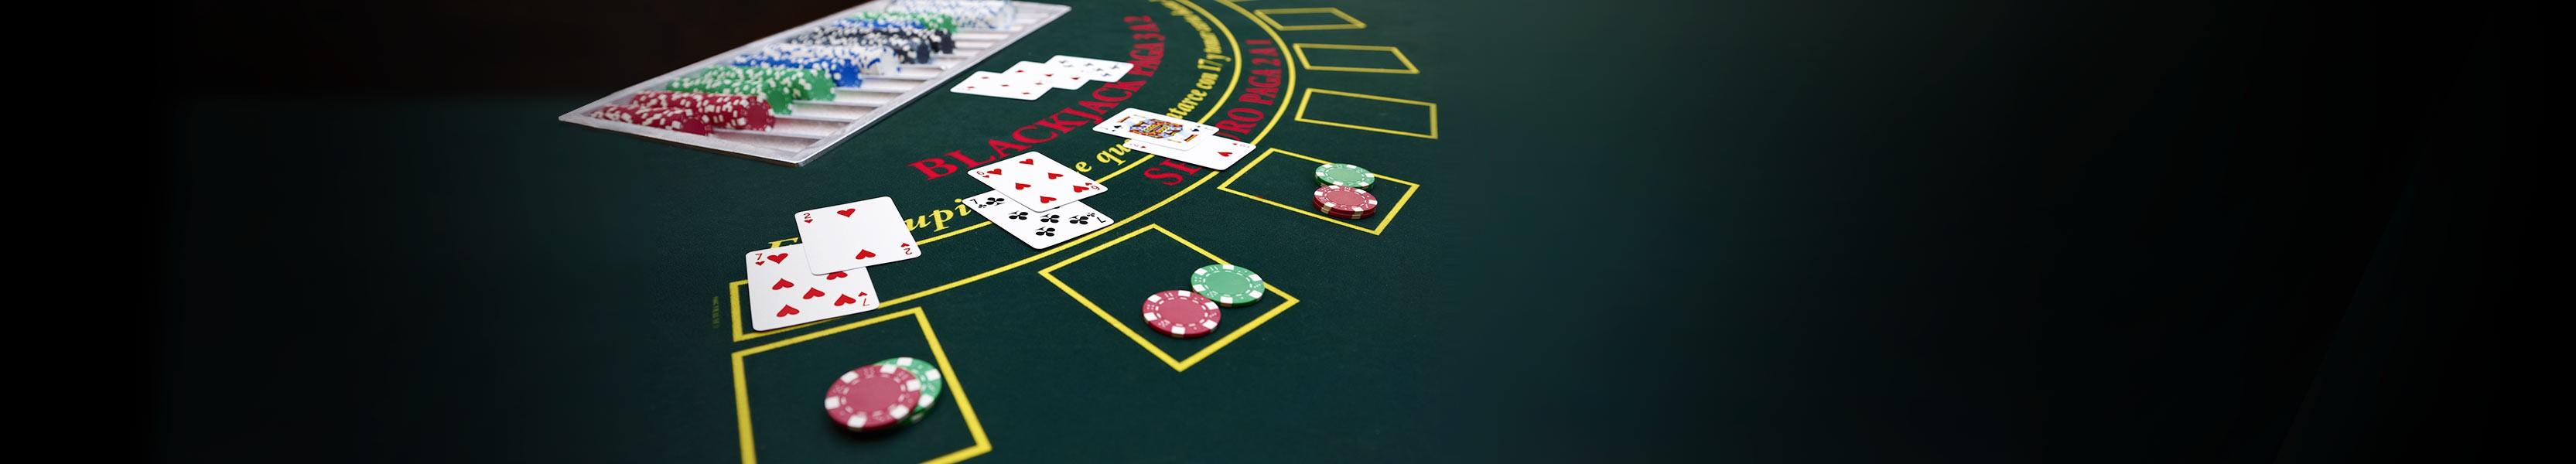 Pravidla kasinové hry blackjack